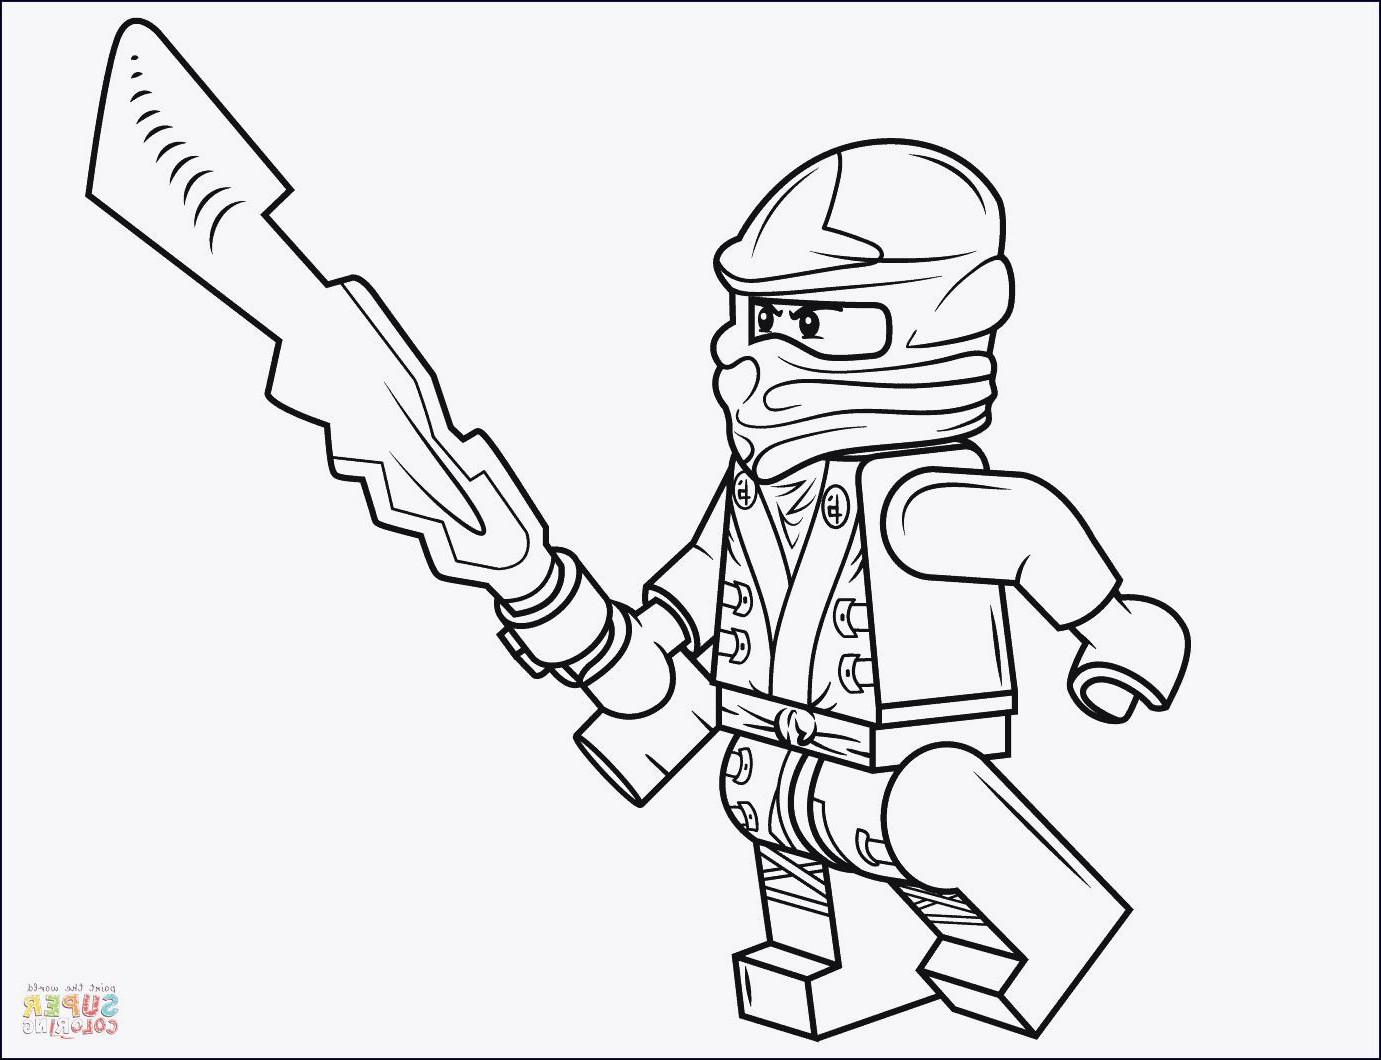 Ausmalbilder Ninjago Schlange Frisch 29 Fantastisch Ninjago Ausmalbilder – Malvorlagen Ideen Galerie